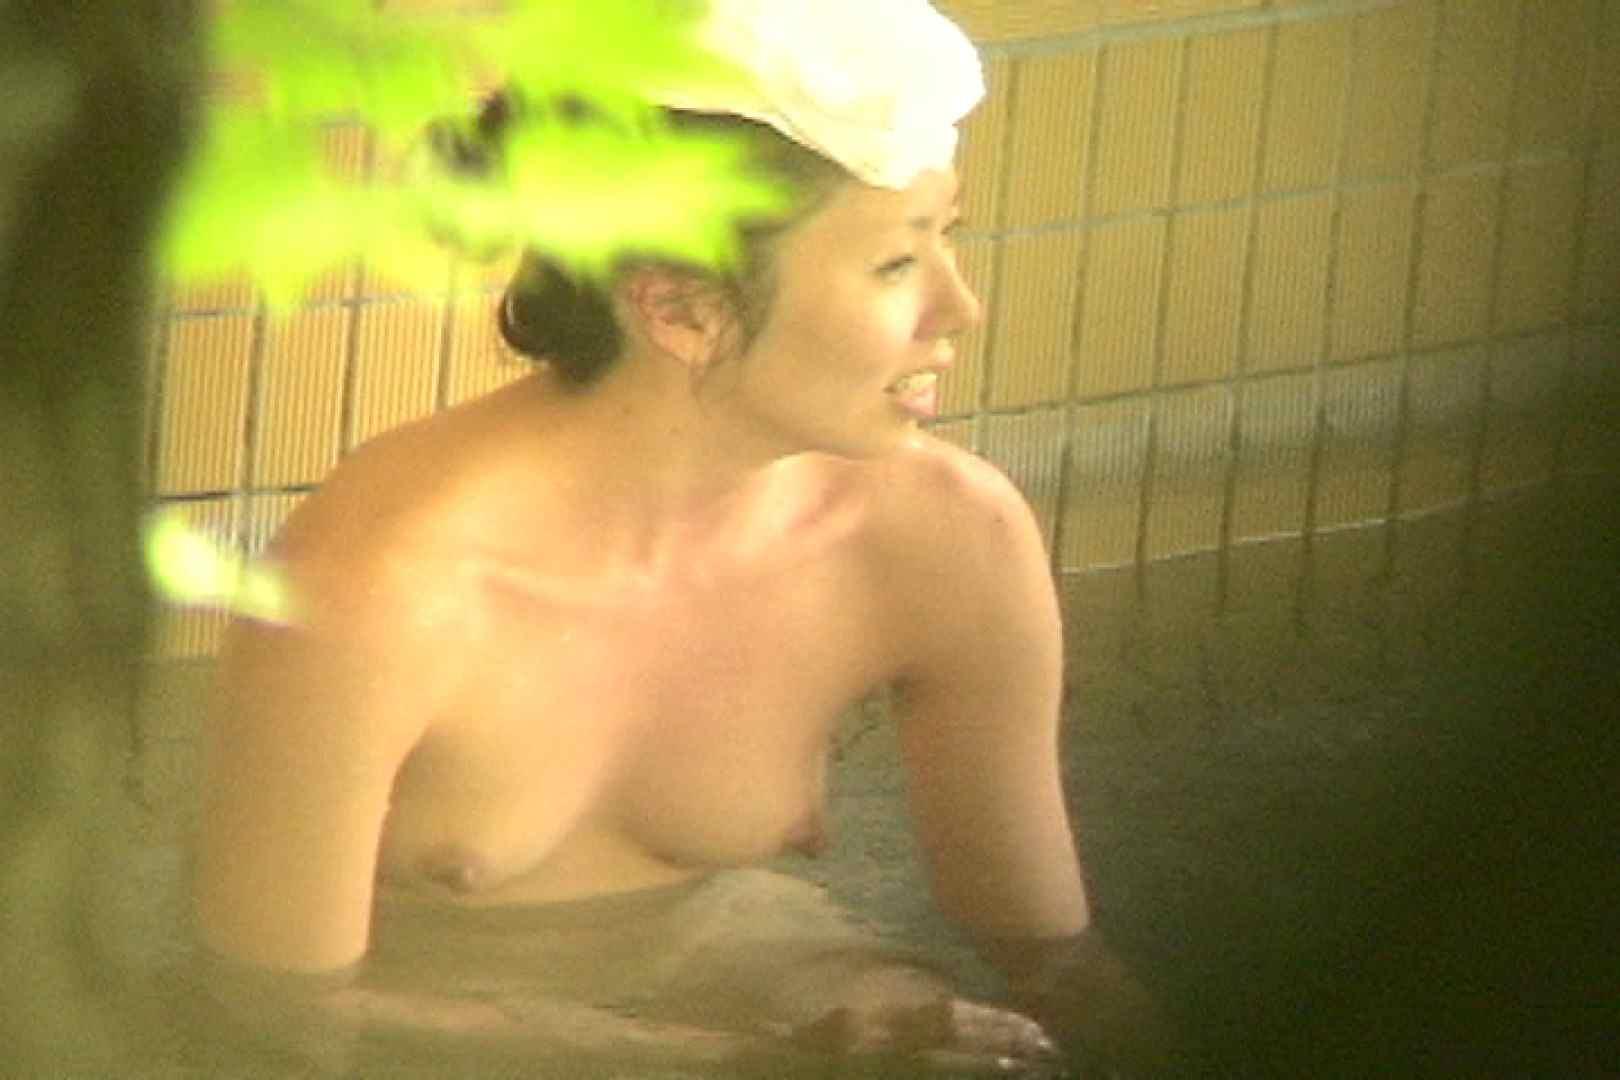 Aquaな露天風呂Vol.708 OLエロ画像 | 盗撮  76PICs 10